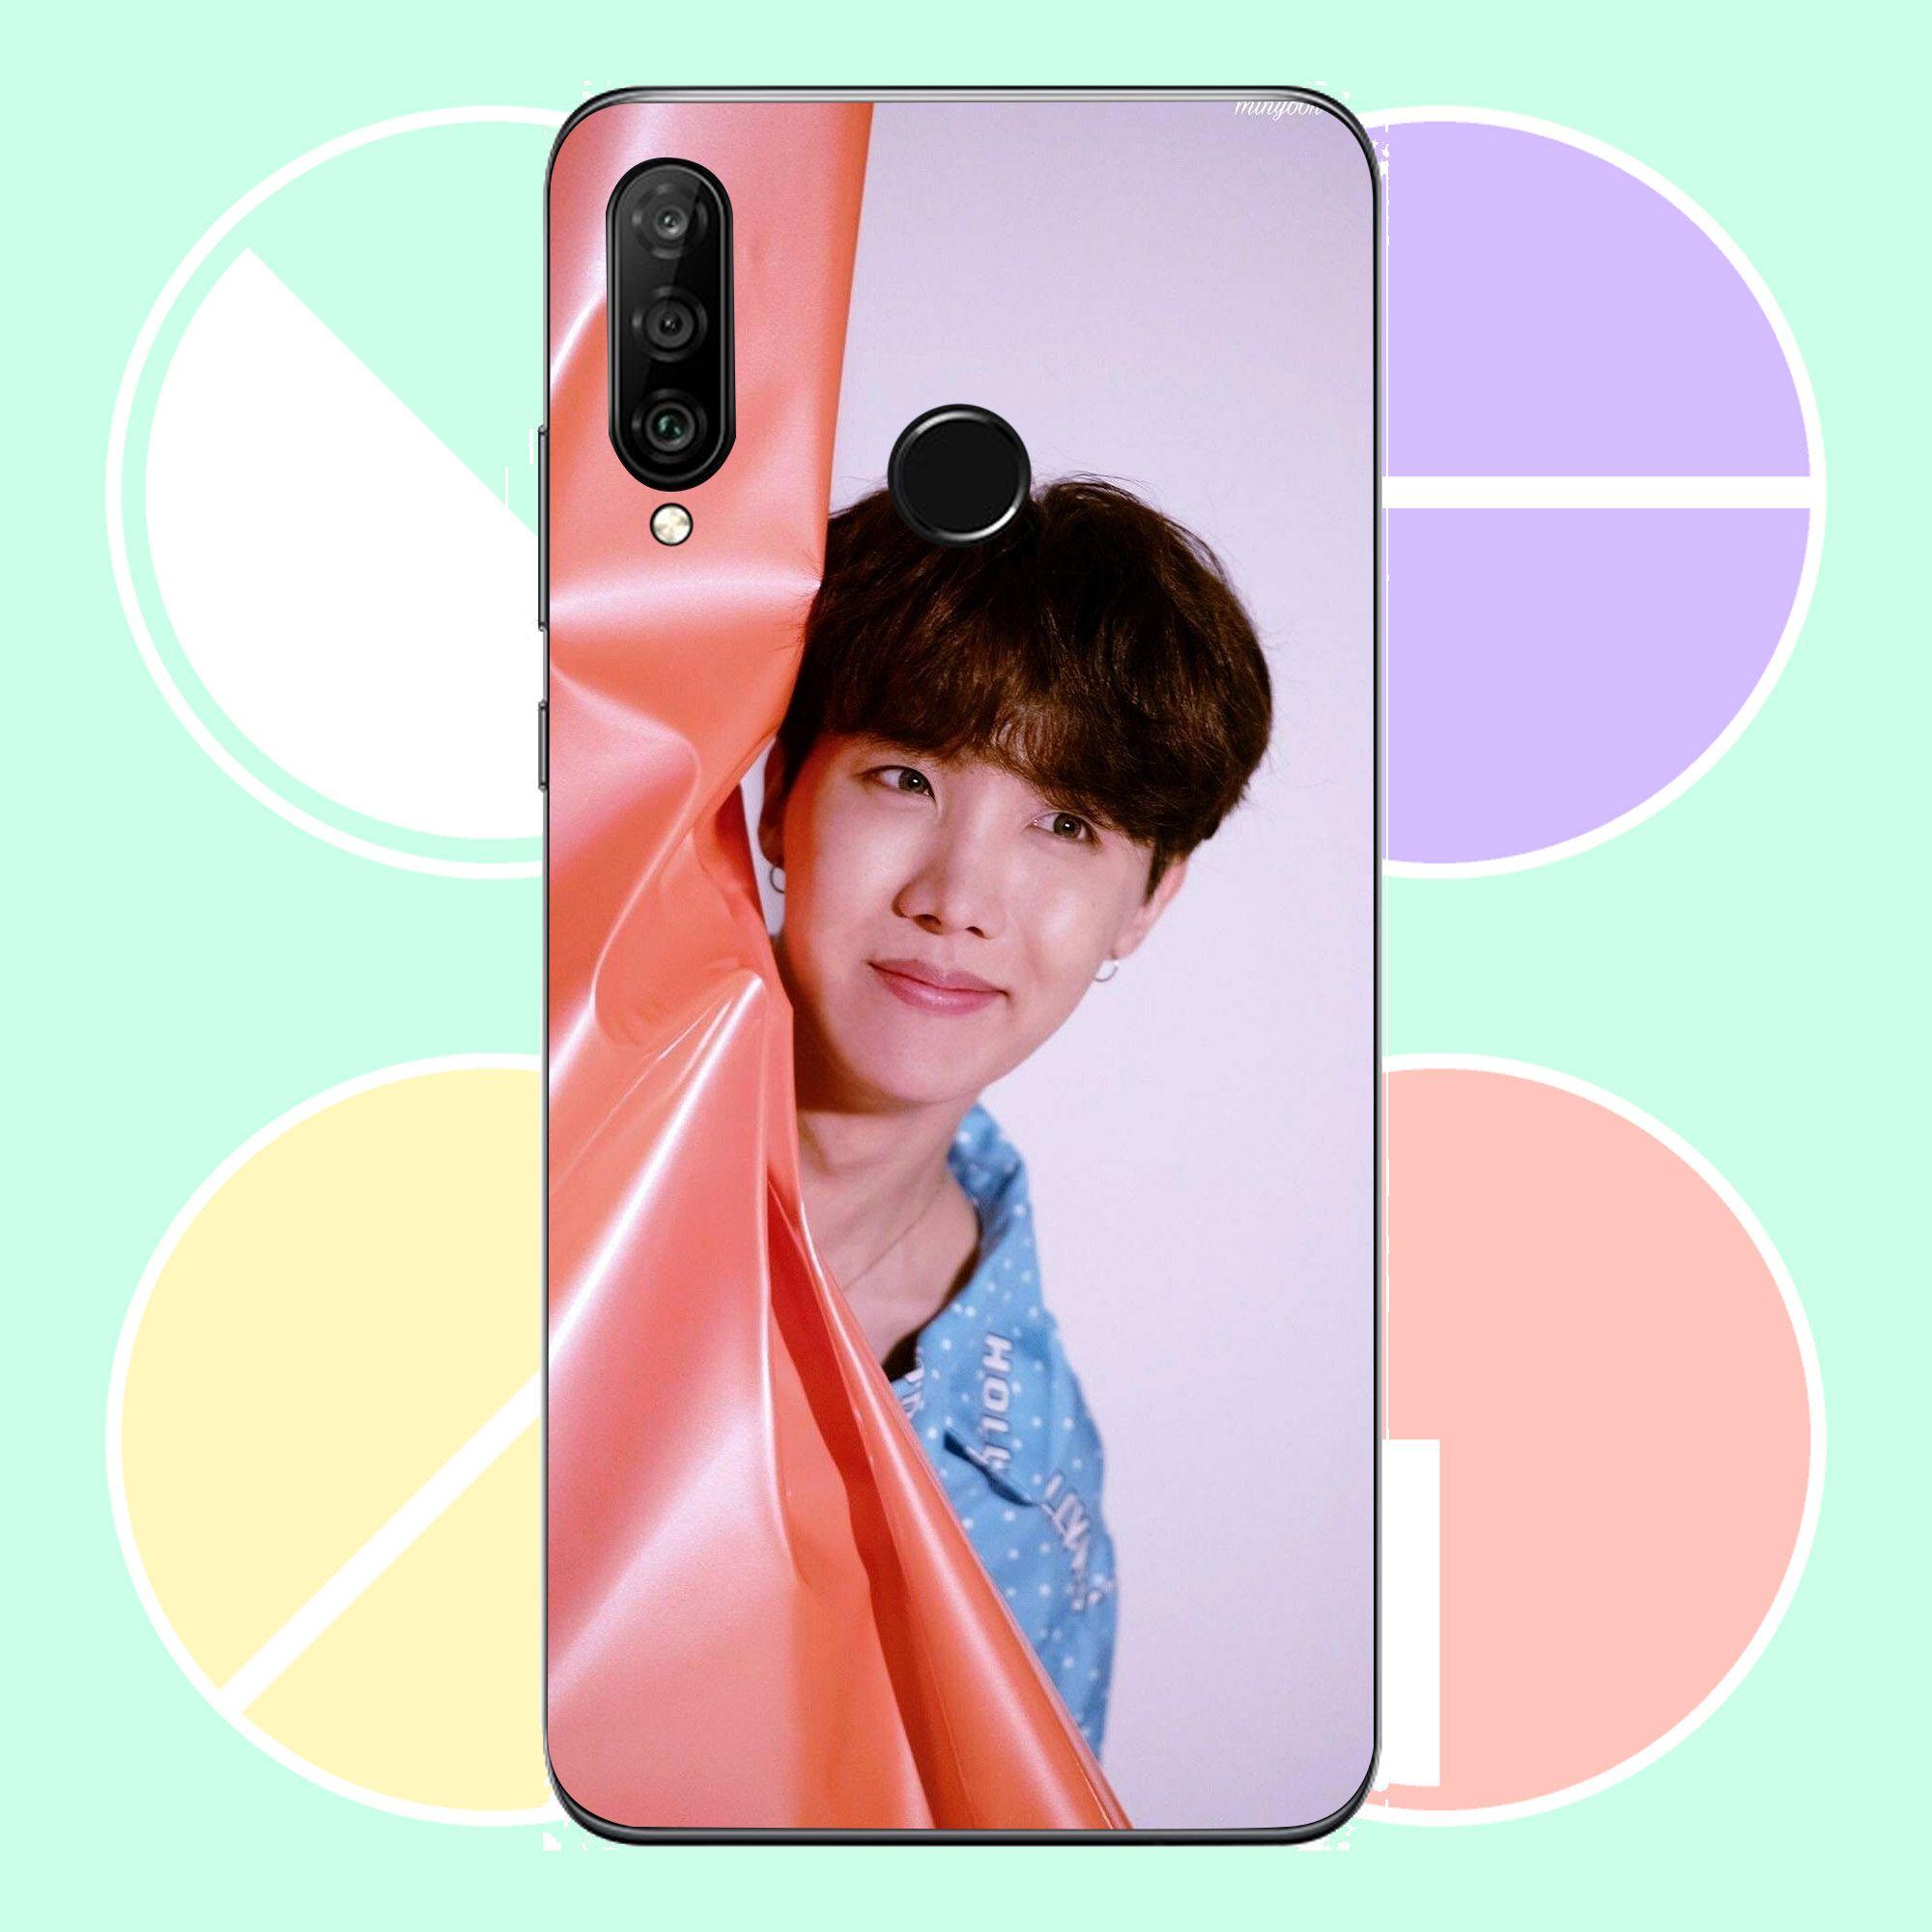 Ốp lưng cứng viền dẻo dành cho điện thoại Huawei Y3 2018 - bts MS BTSND1001-Hàng Chính Hãng Cao Cấp